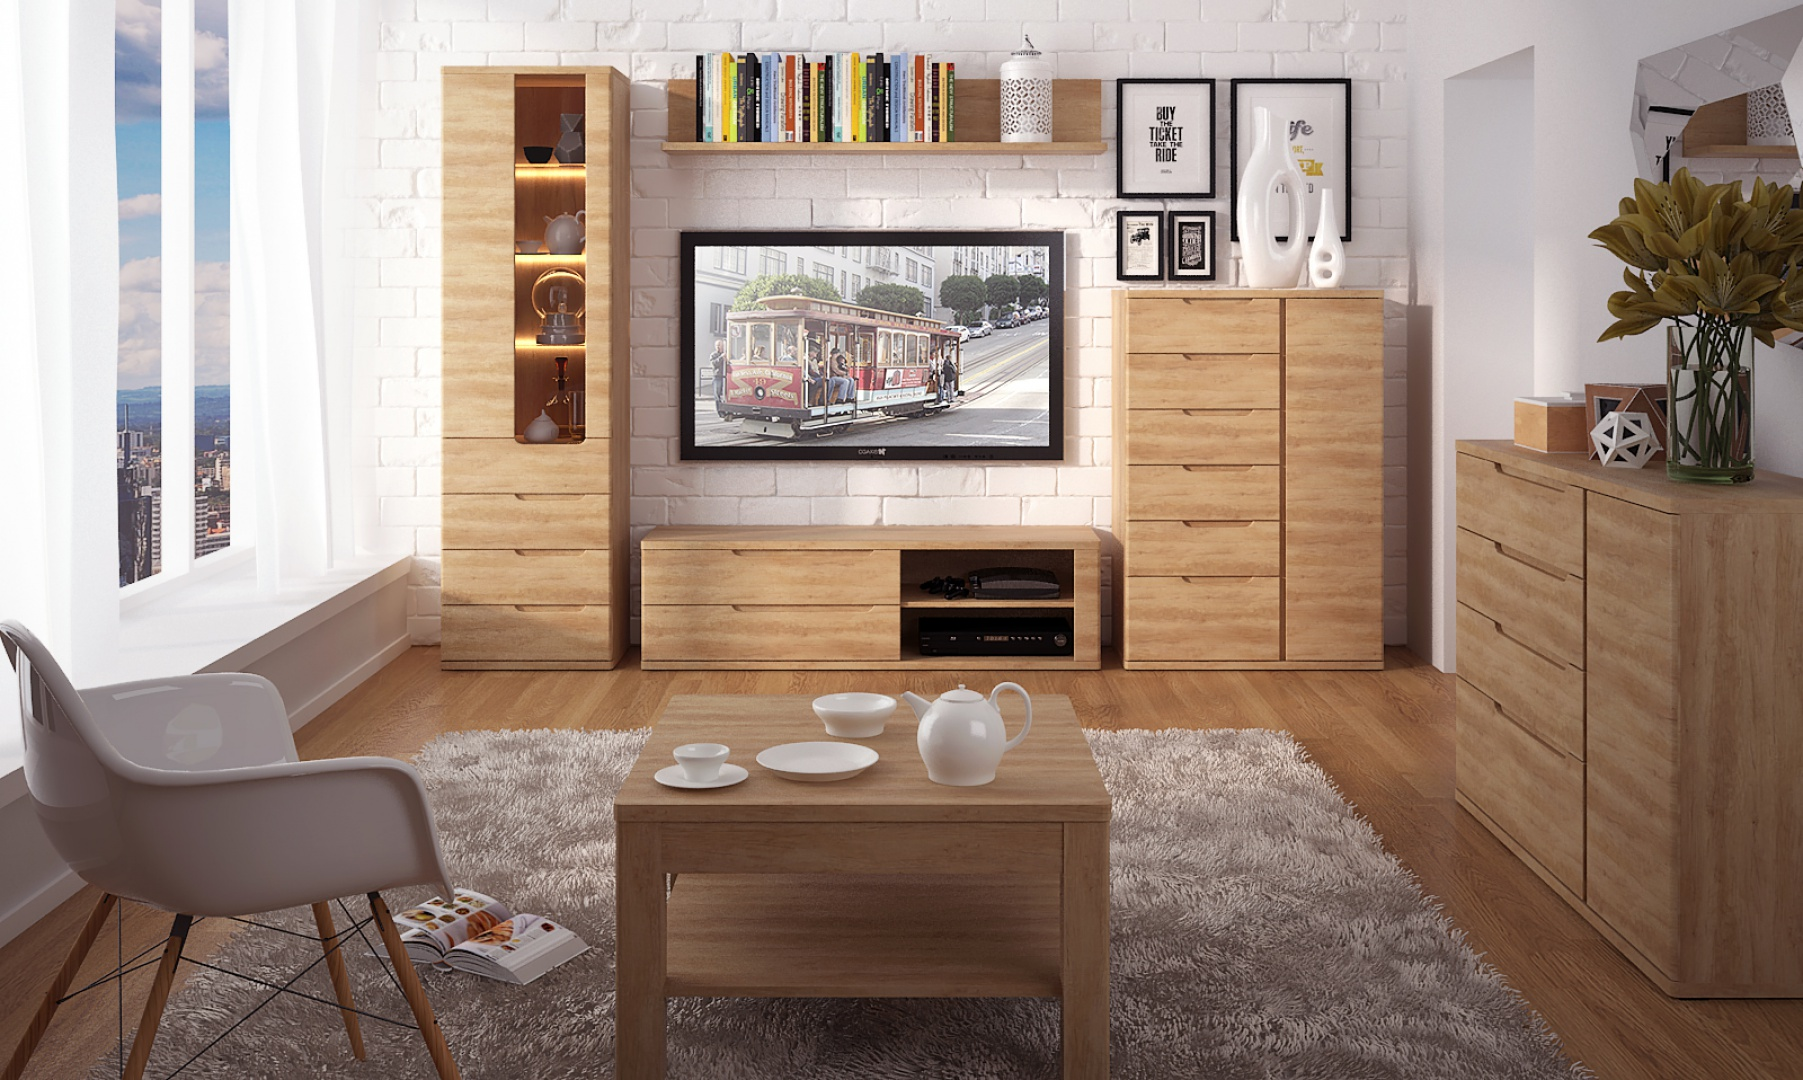 Kolekcja mebli Contra to piękno i elegancja inspirowana naturalnym drewnem. Oryginalna dwukolorowa płyta, z której wykonane są meble dostępna w kolorze brązowym lub w dekorze Country Grey. Fot. Meble Wójcik.